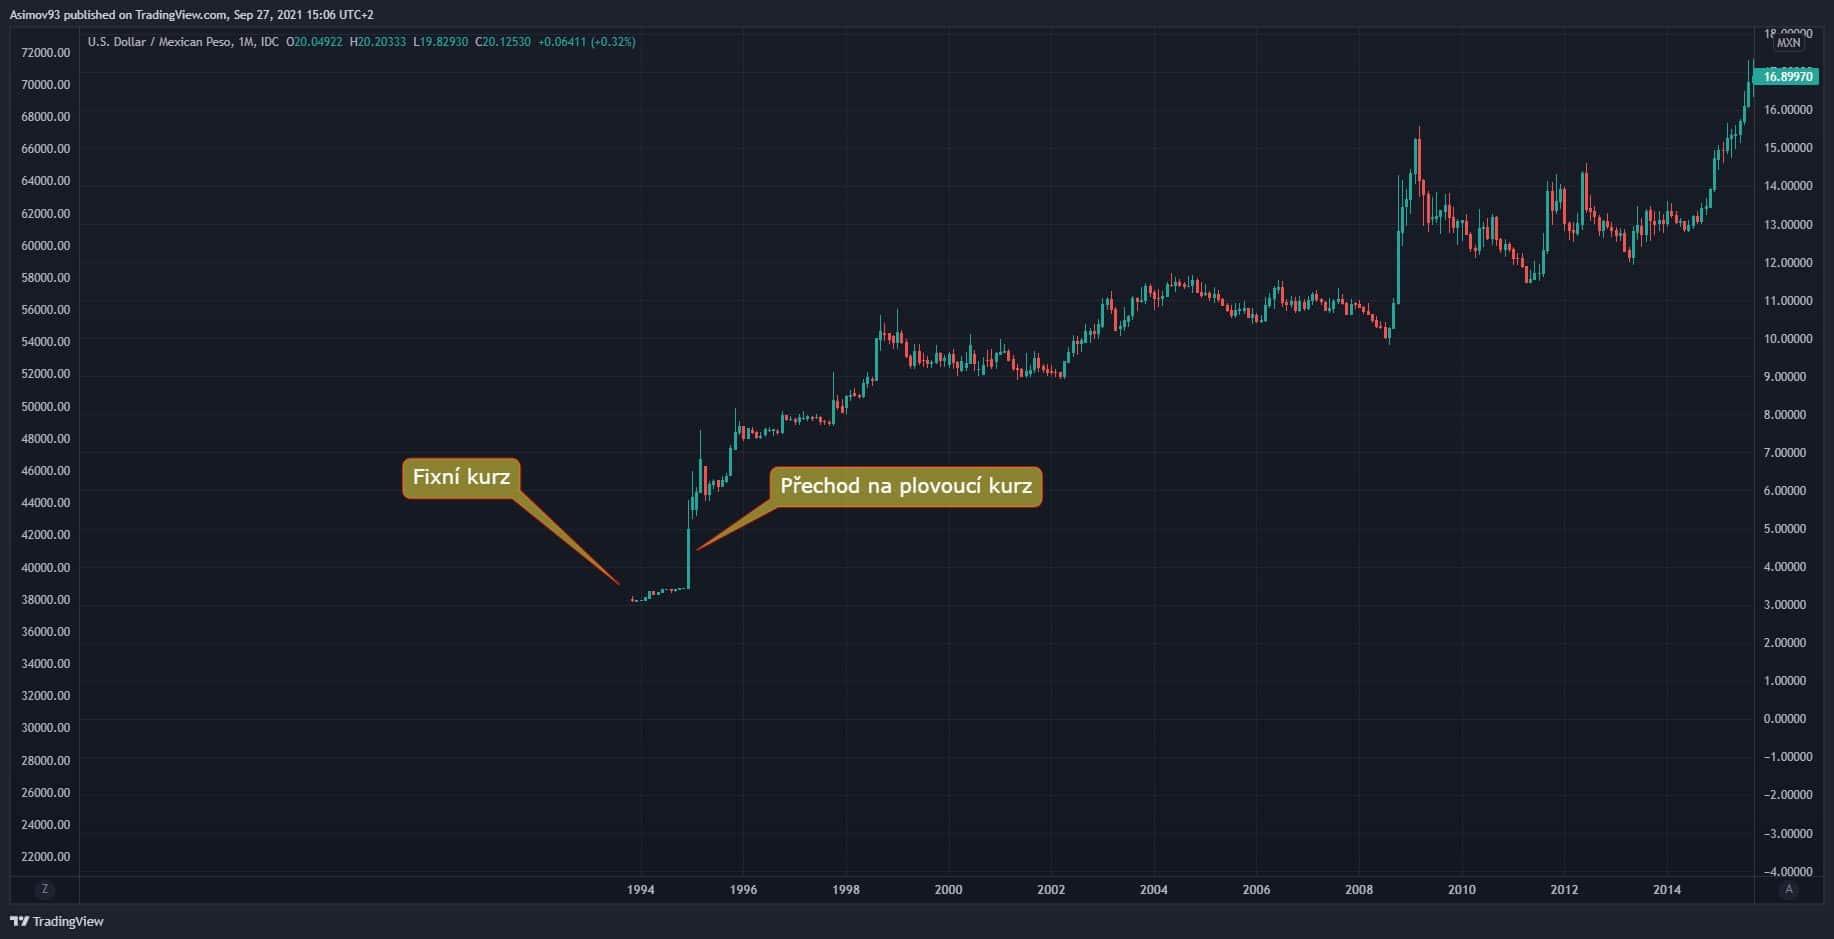 Směnný kurz dolaru a mexického pesa (USD/MXN)